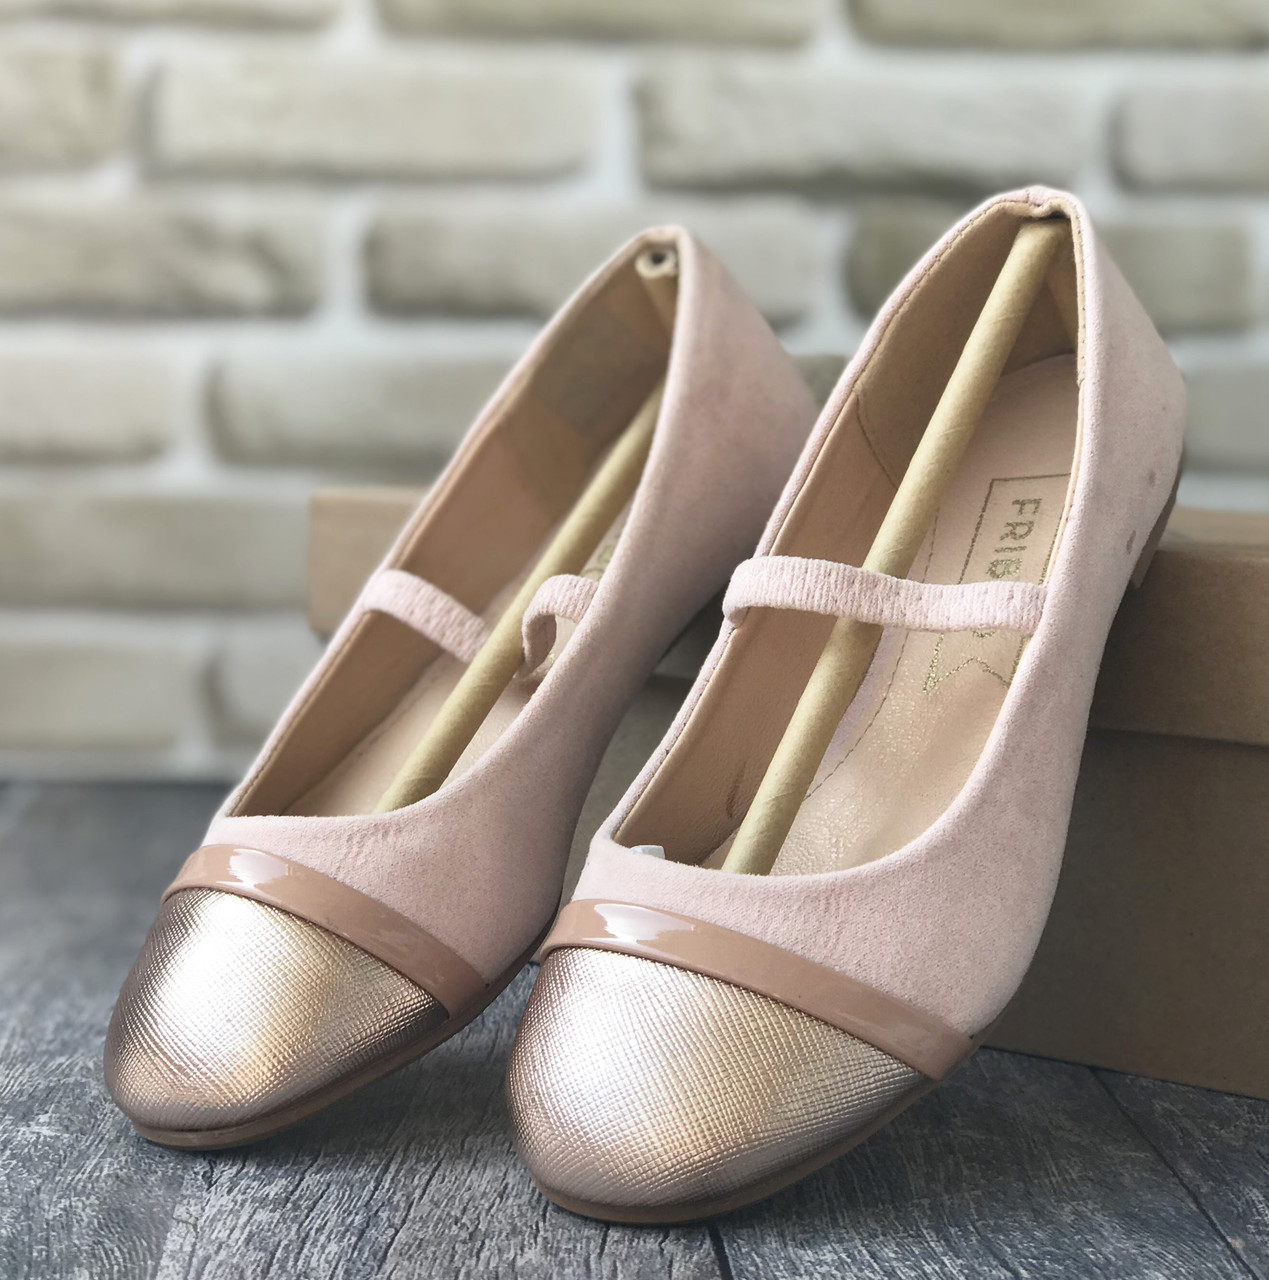 860449b6b Туфельки на девочку Friboo (Германия) р 28. Оригинальная обувь, детская  обувь интернет